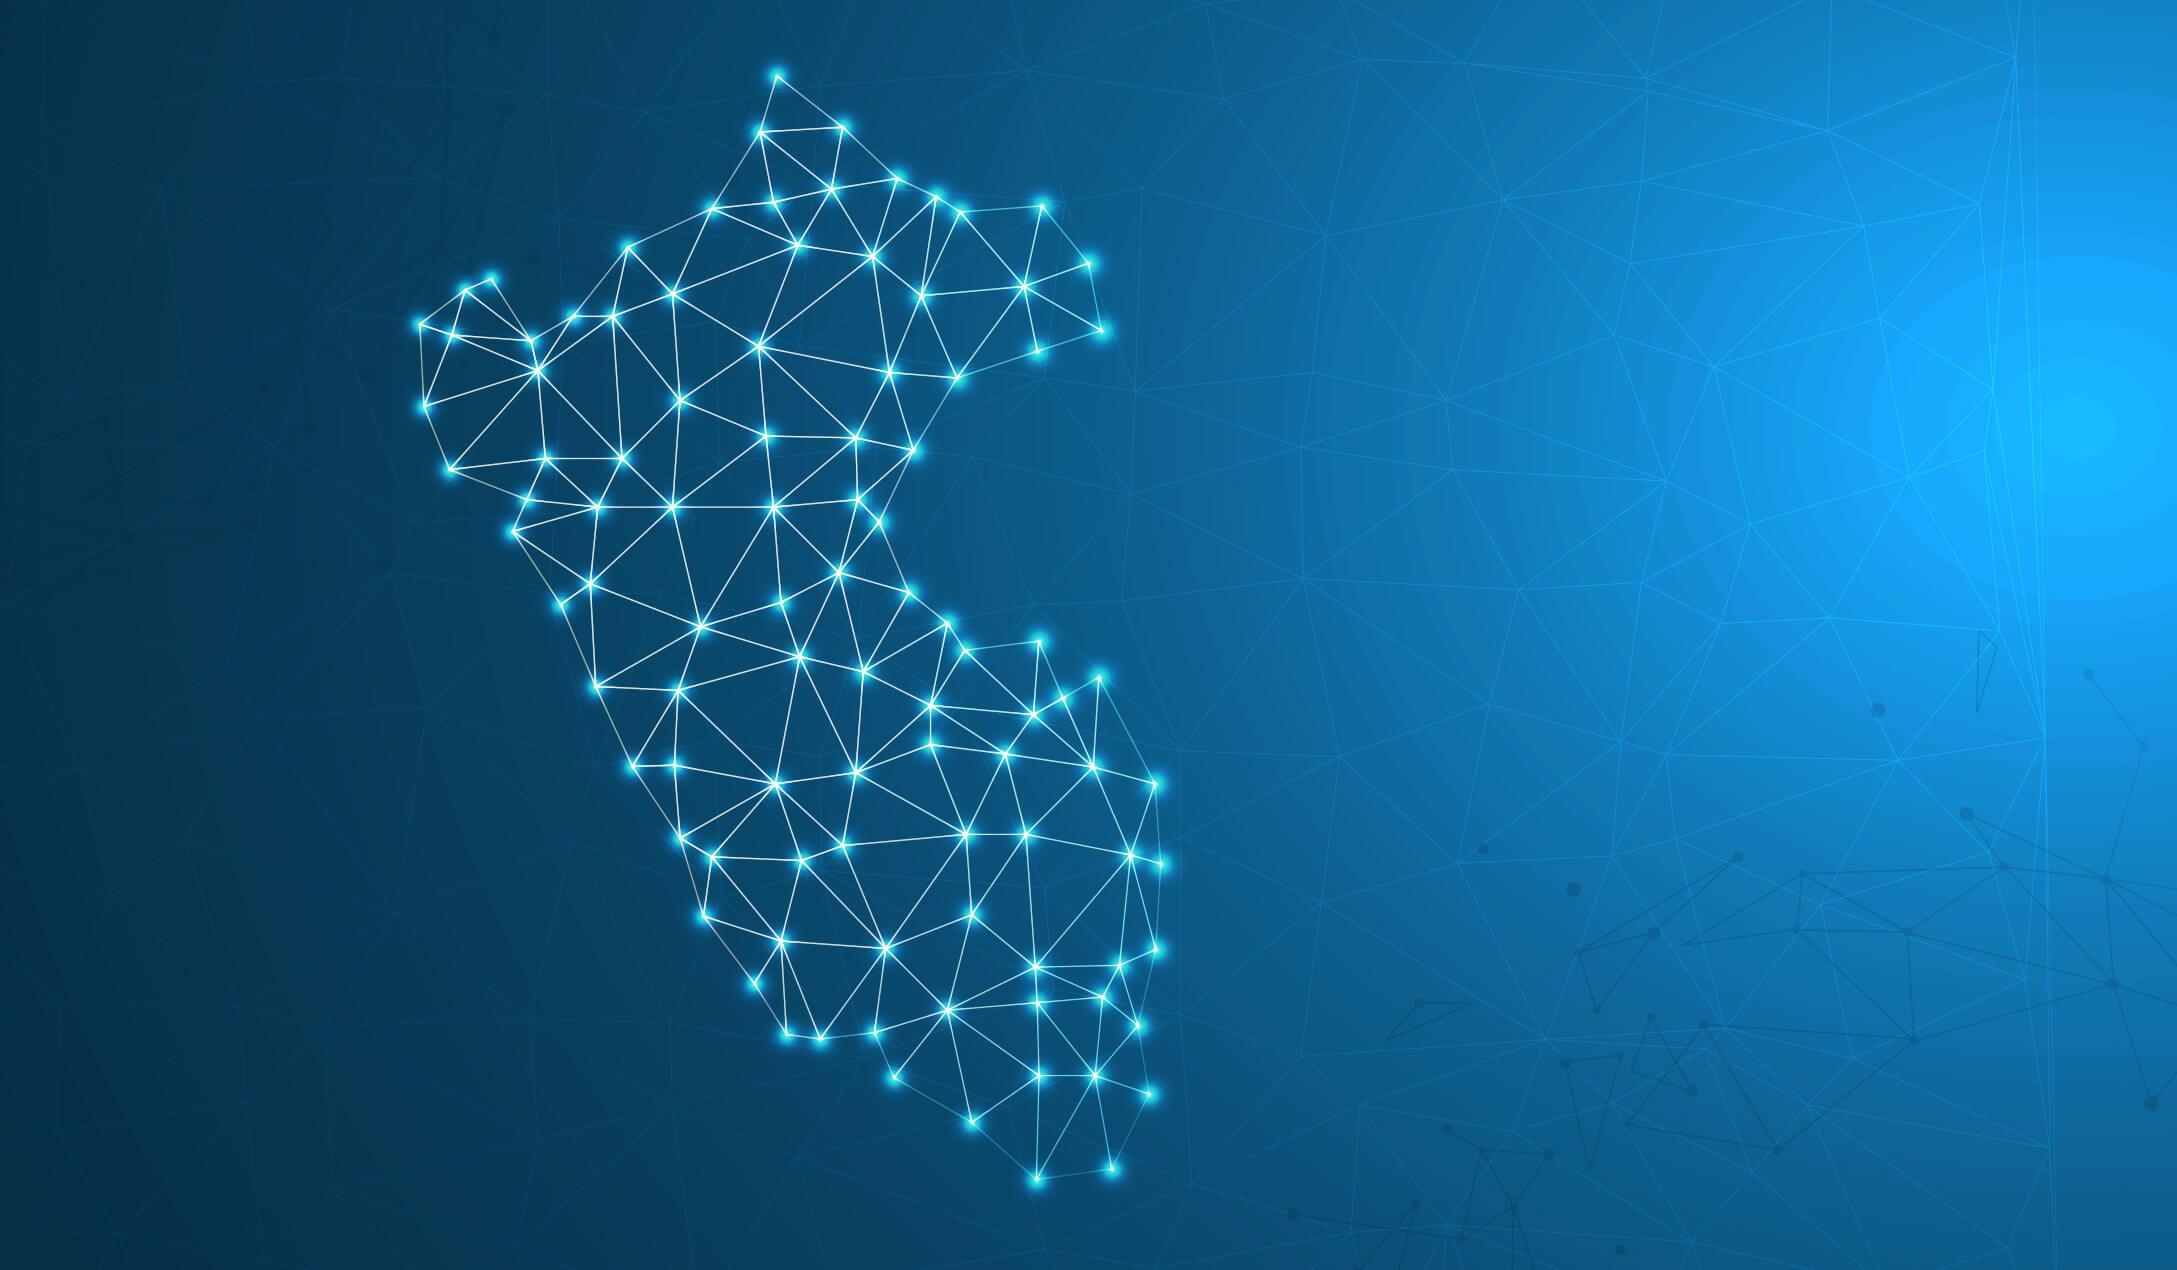 5 Preguntas de seguridad cibernética para hacerle a un proveedor de servicios de Internet